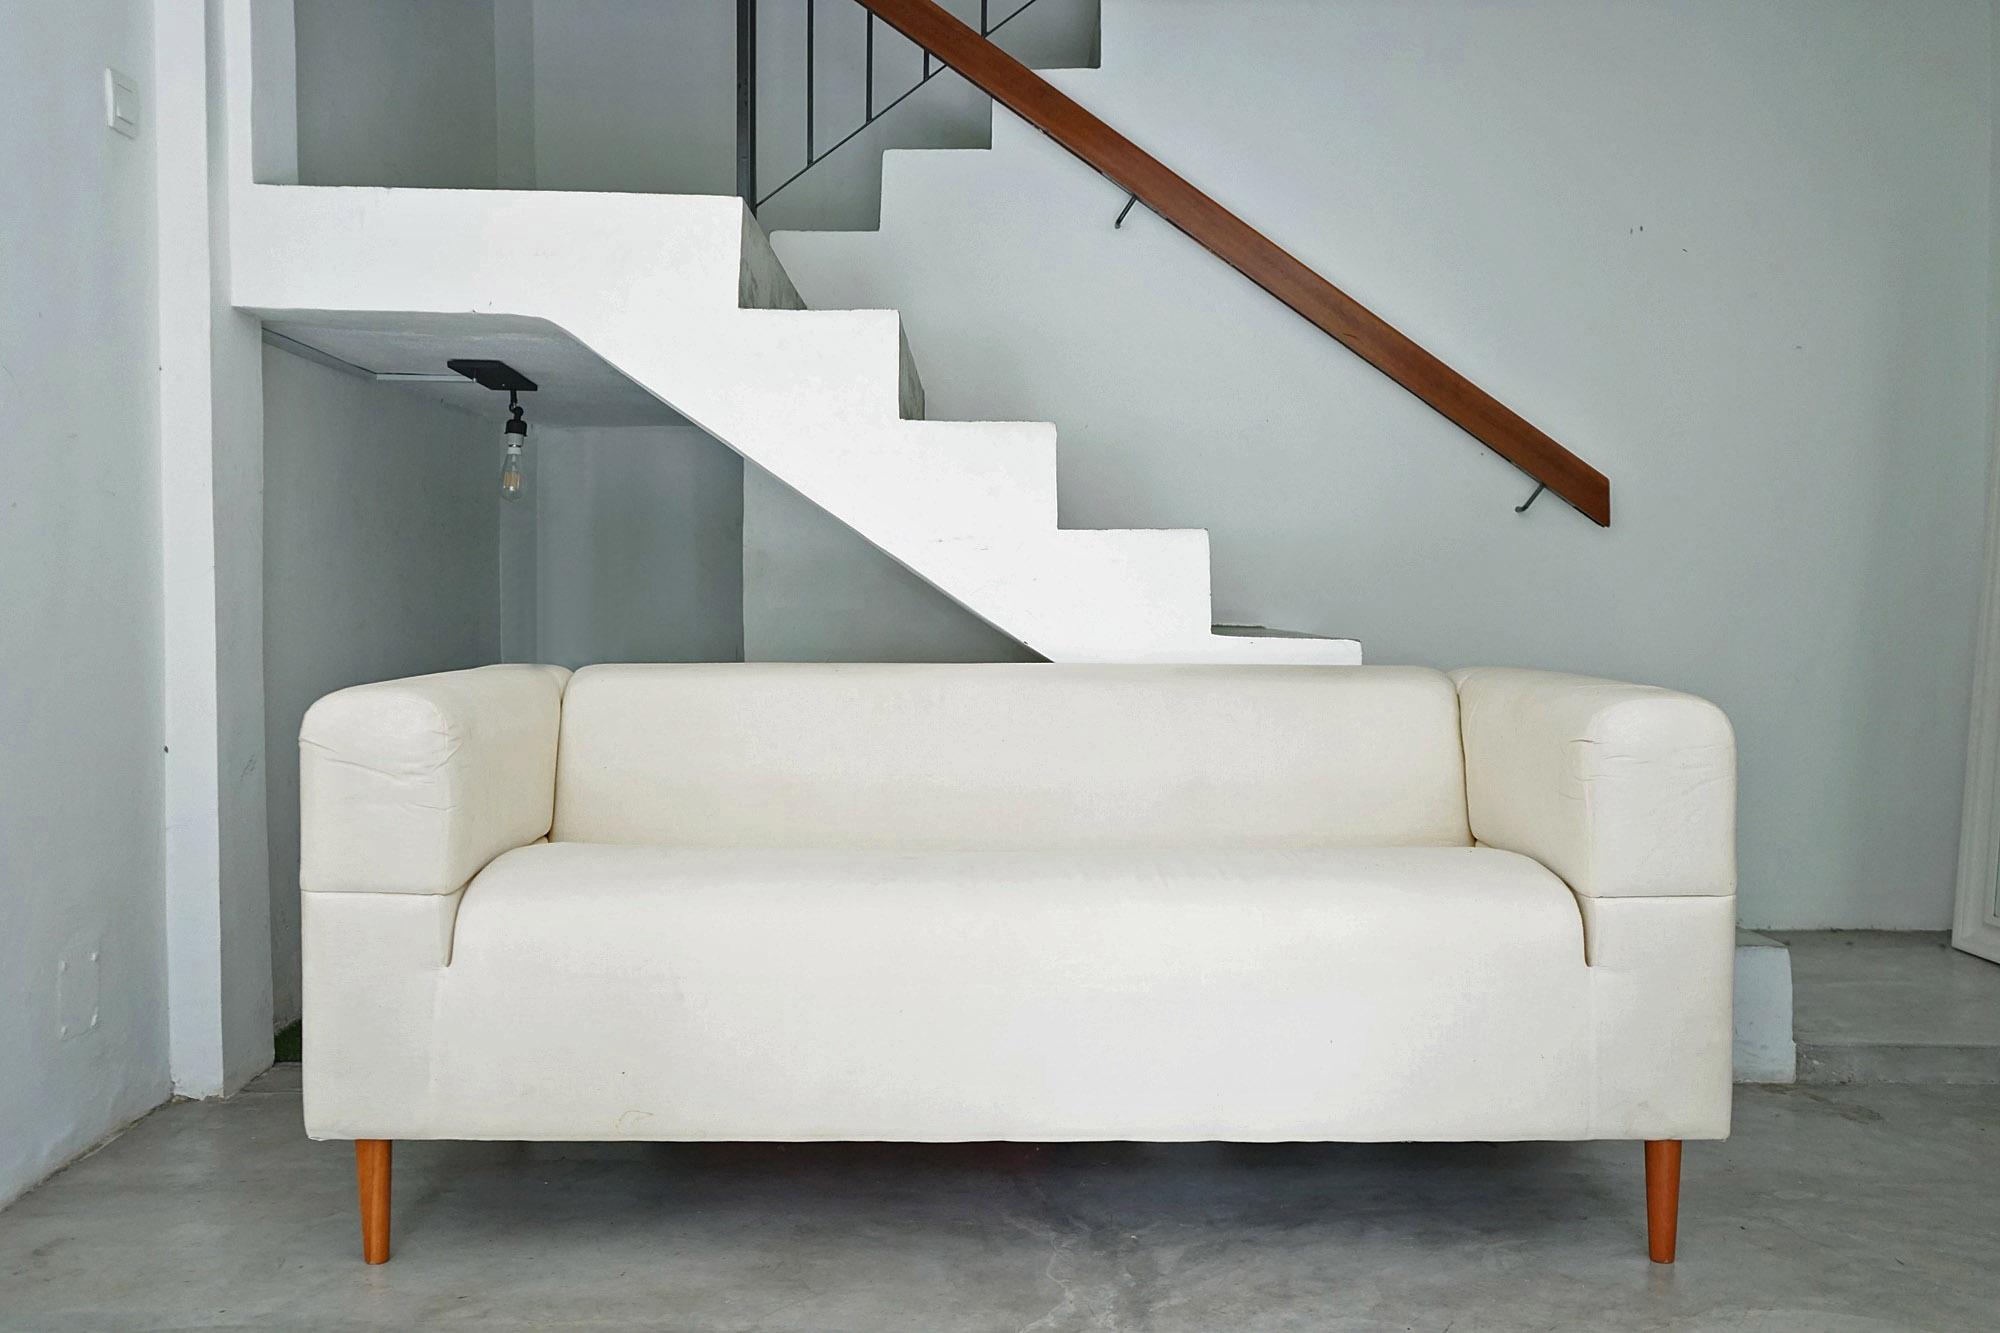 canapé klippan après achat sur IKEA